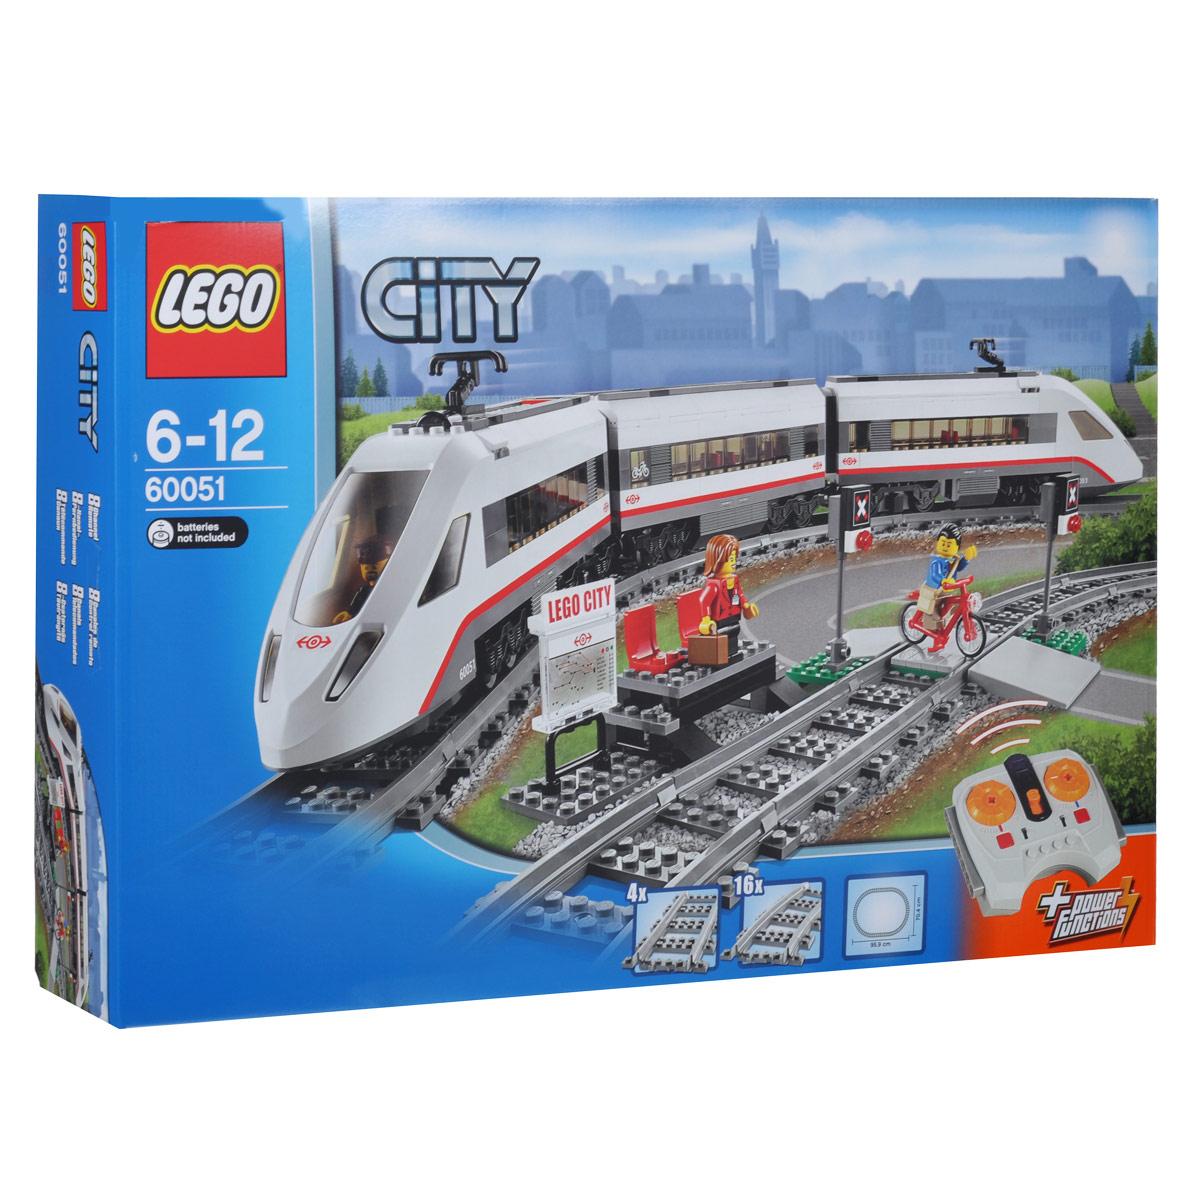 LEGO City Конструктор Скоростной пассажирский поезд 6005160051Соверши путешествие по городу на скоростном пассажирском поезде LEGO City! Используй 8-канальное, 7-скоростное инфракрасное дистанционное управление для передвижения по рельсам на максимальной скорости. Этот обтекаемый, суперэффективный поезд имеет современный дизайн и электрические контактные поверхности наверху. Подними крышу переднего вагона, чтобы посадить машиниста в кабину и открой пассажирские вагоны, чтобы получить доступ к креслам и столикам. Подожди поезд вместе с путешественником на путевой станции, аккуратно пересеки пути вместе с велосипедистом после того, как поезд уедет. В набор входят 3 минифигурки: машинист поезда, путешественник и велосипедист. Поезд работает от батареек. В комплекте есть пульт дистанционного управления. Необходимо докупить 9 батареек напряжением типа ААА (не входят в комплект). Конструктор - это один из самых увлекательнейших и веселых способов времяпрепровождения. Ребенок сможет часами играть с конструктором, придумывая различные...